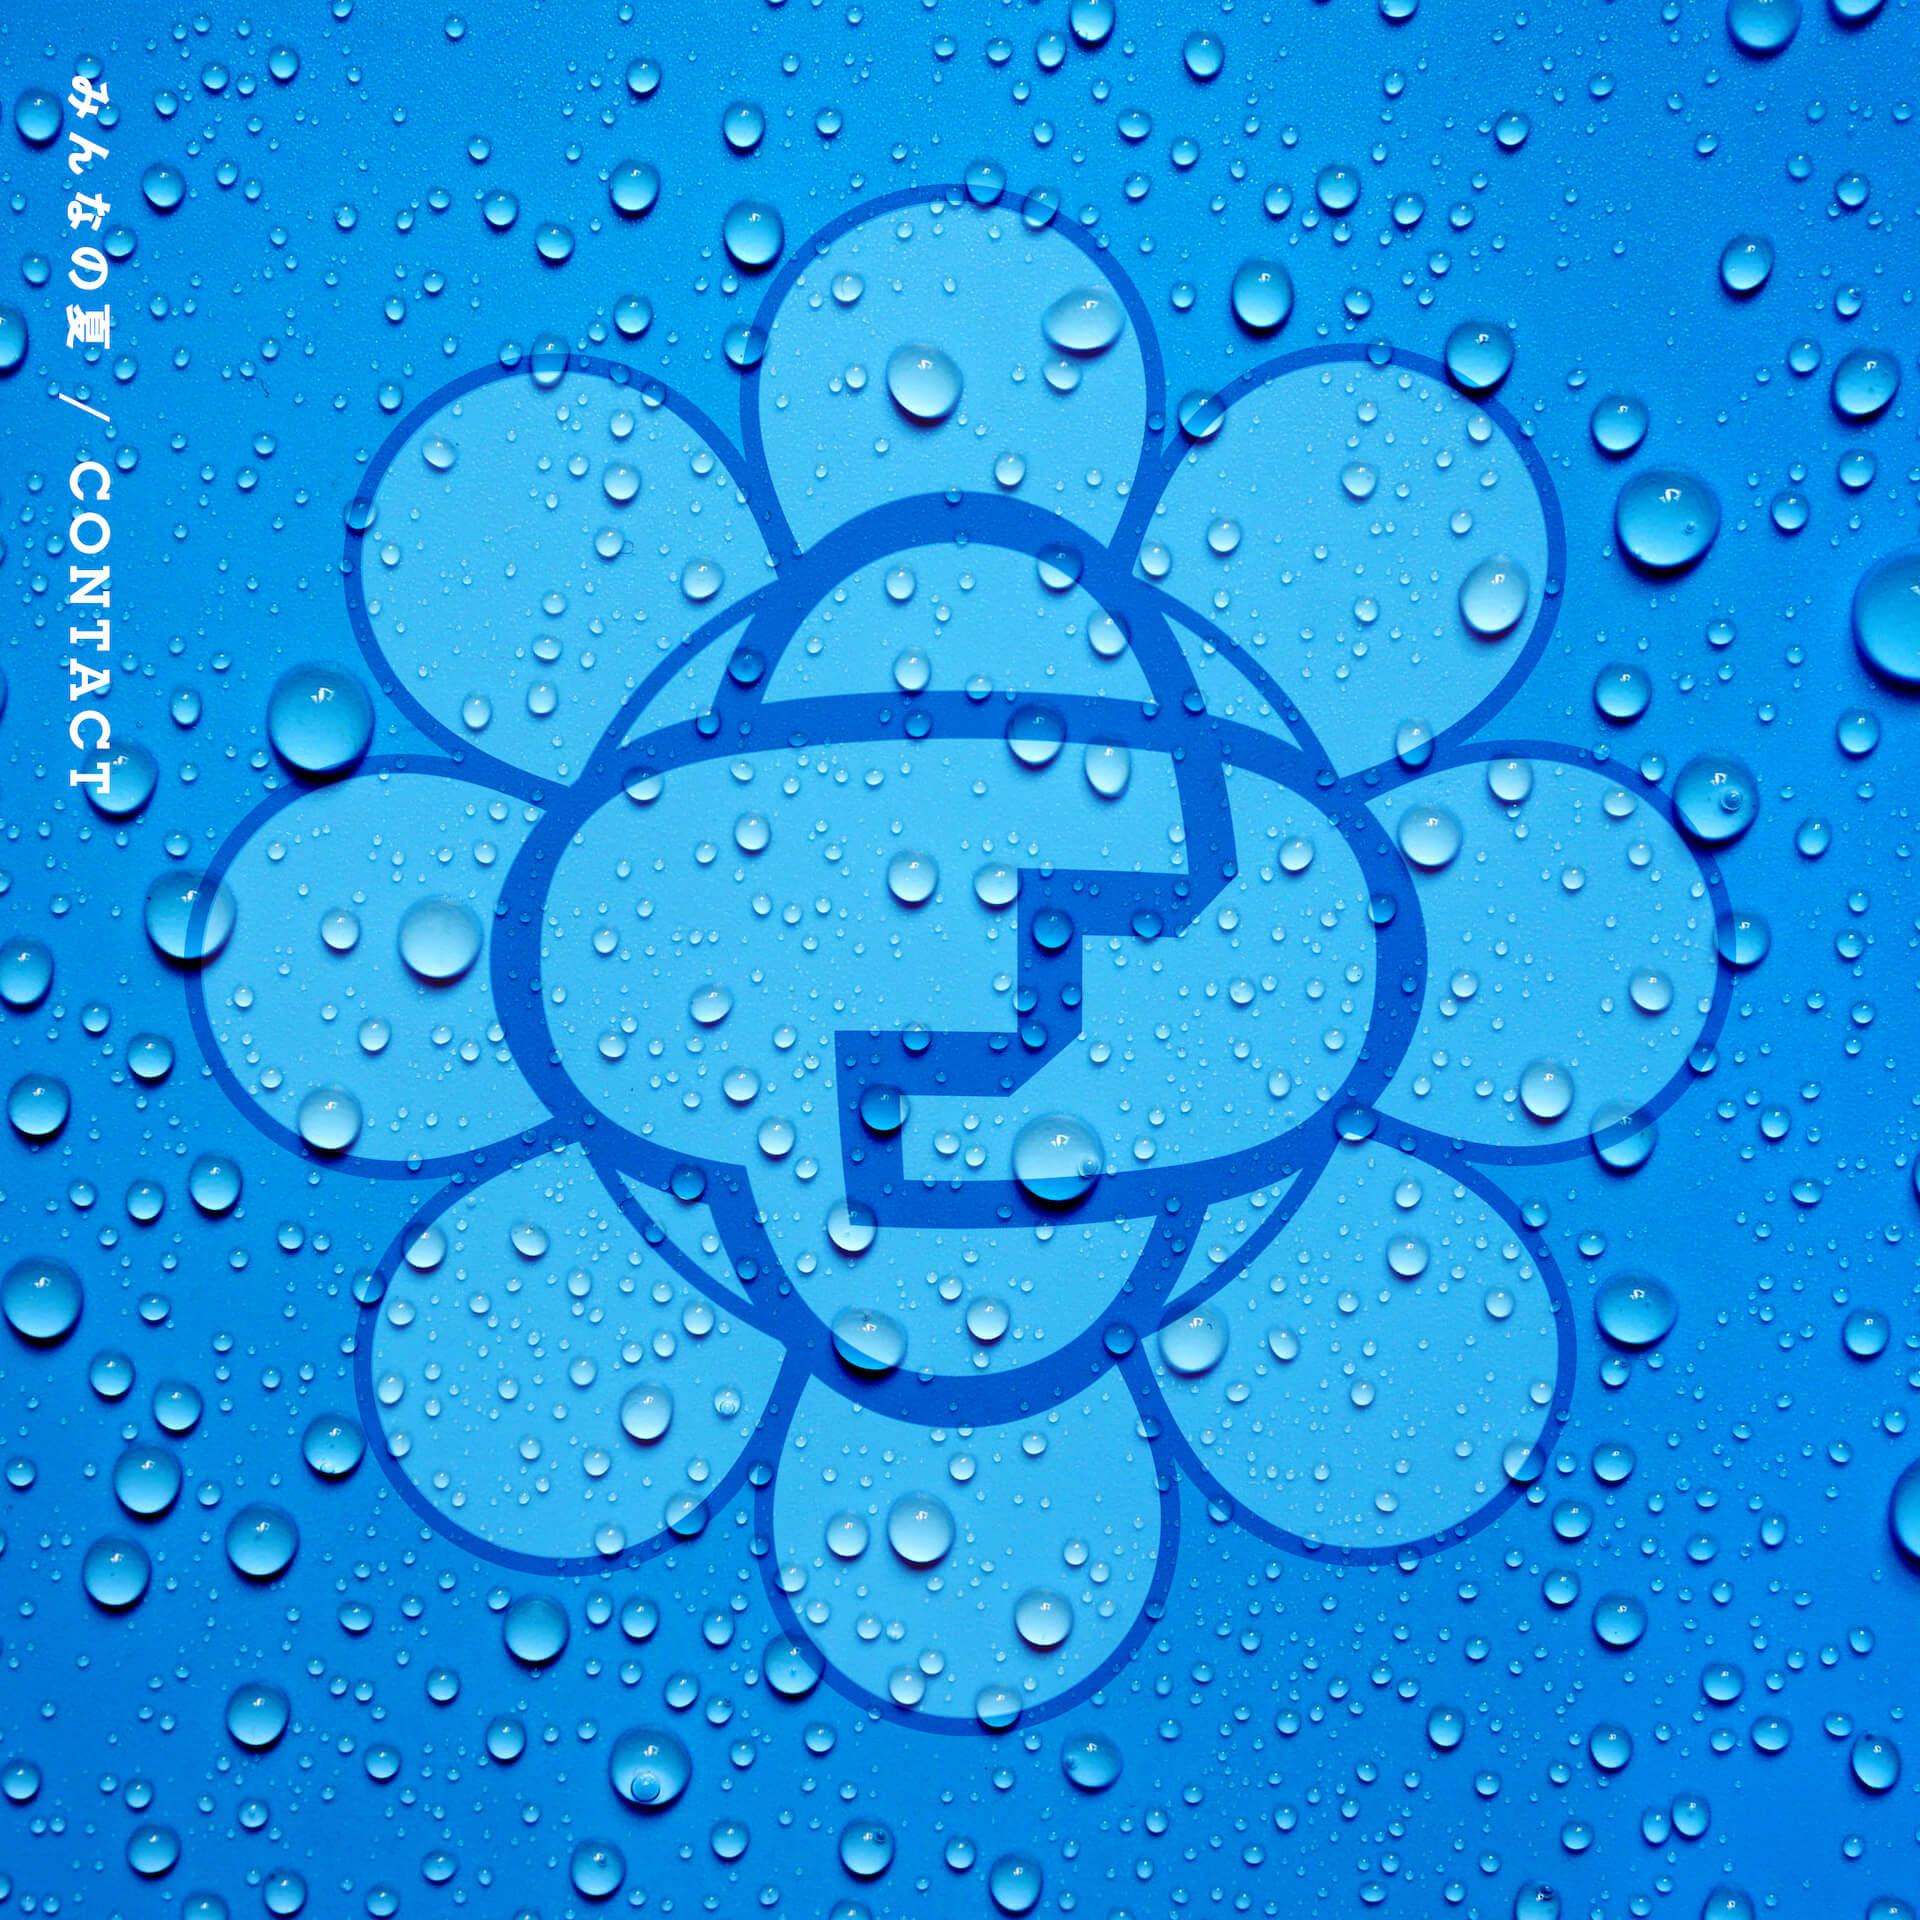 FNCY最新シングル『みんなの夏』がJ-WAVE『STEP ONE』にてオンエア決定!ジャケットアートと収録内容も明らかに music2020728_fncy_3